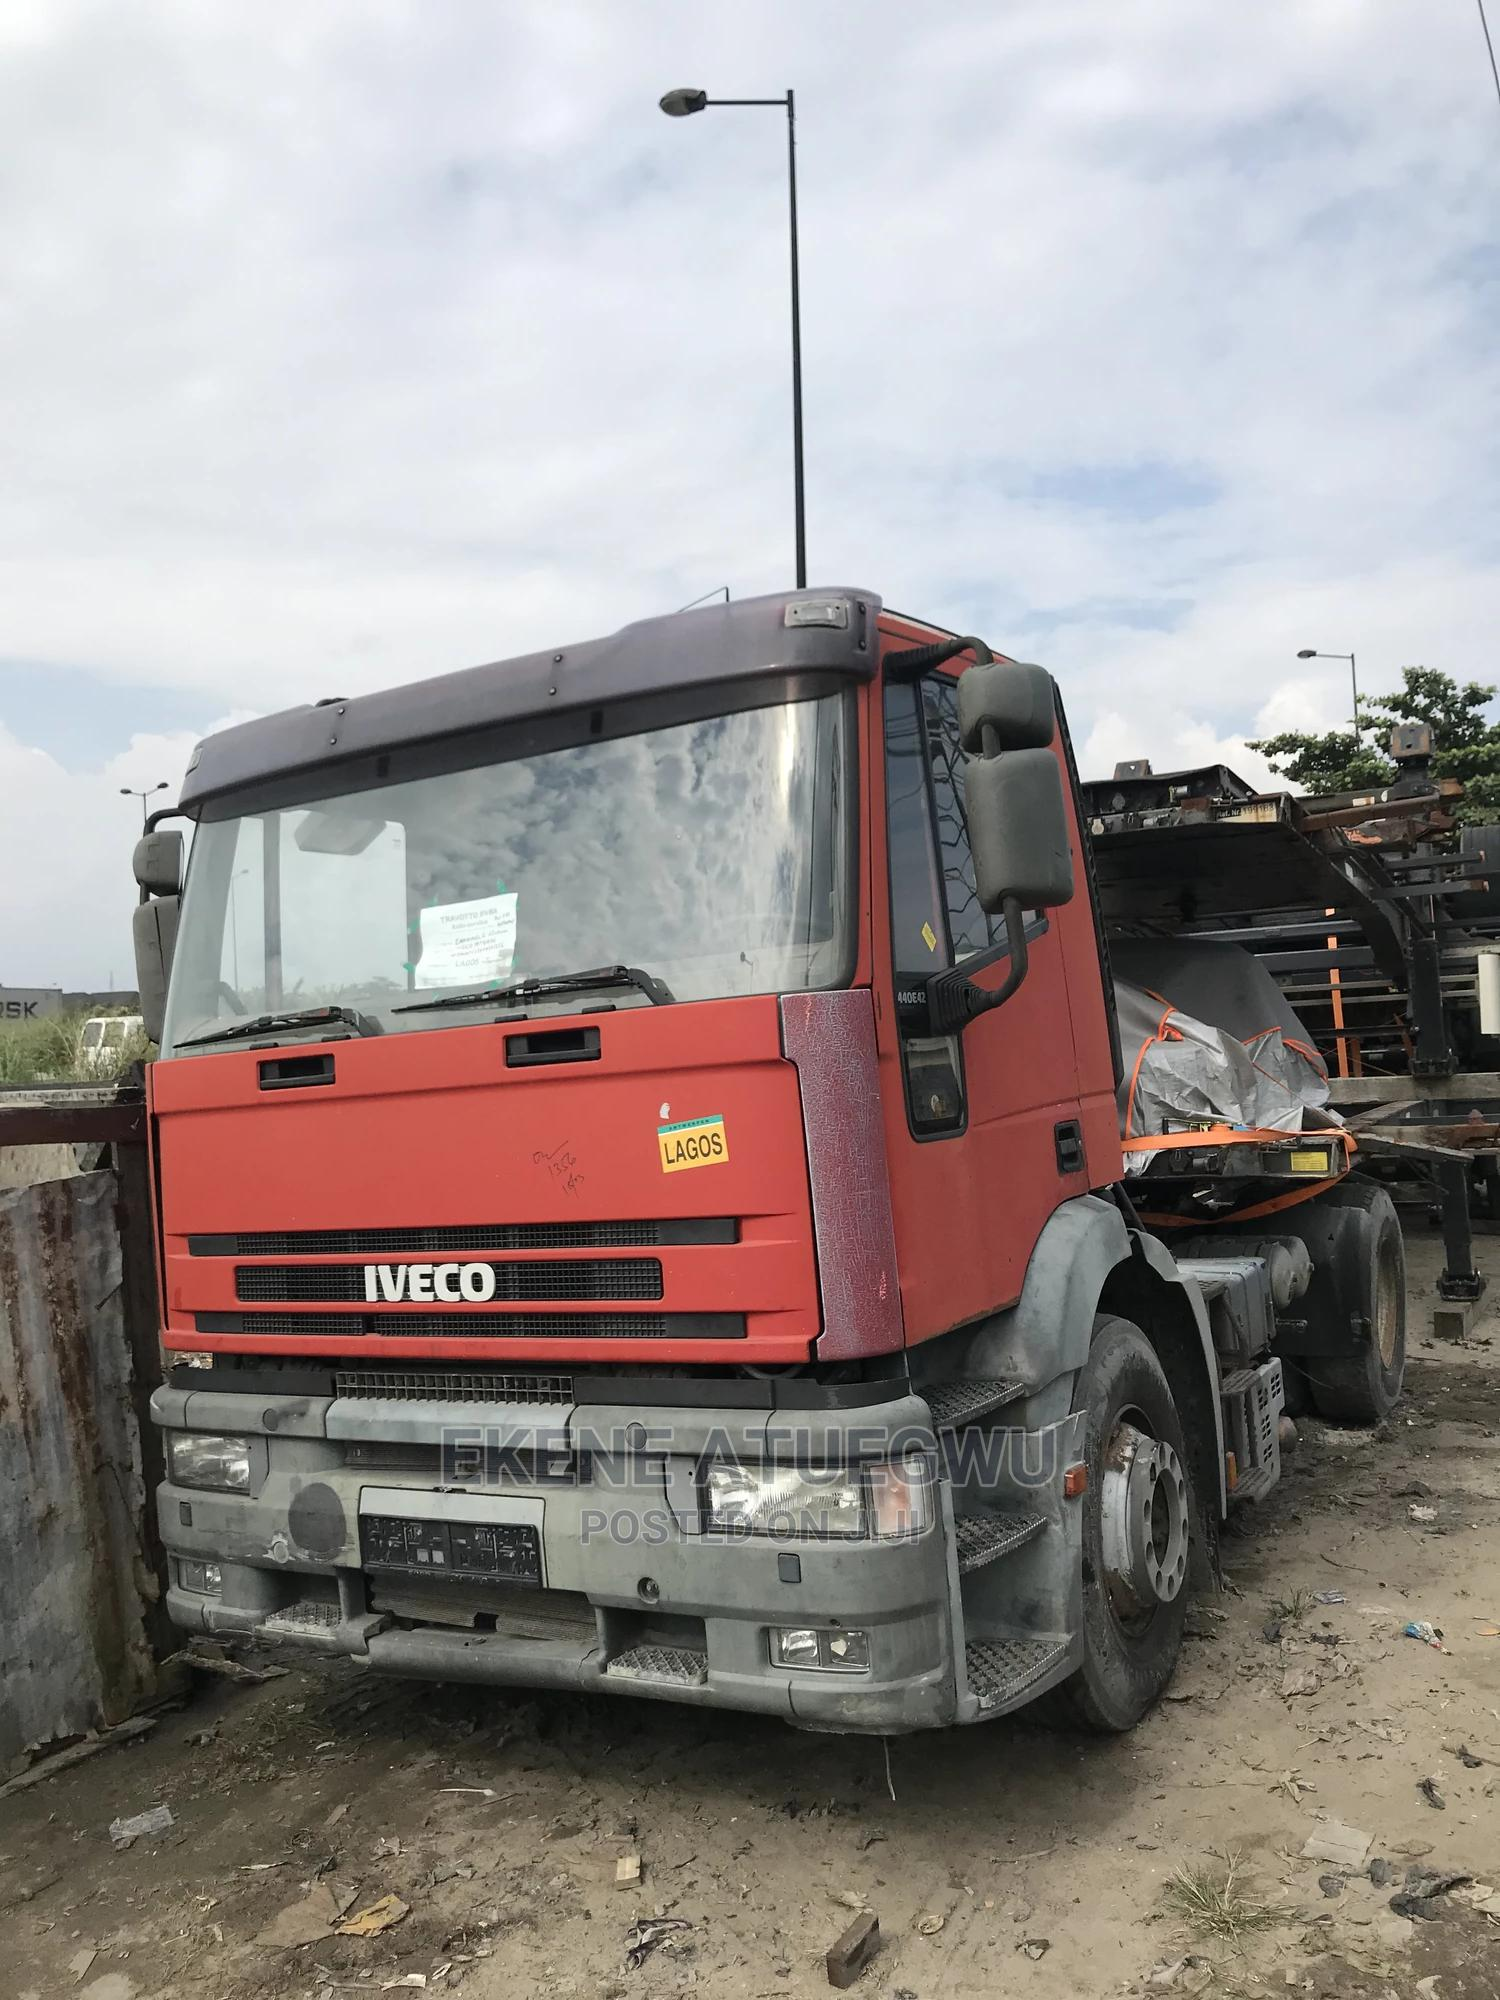 Truck Head